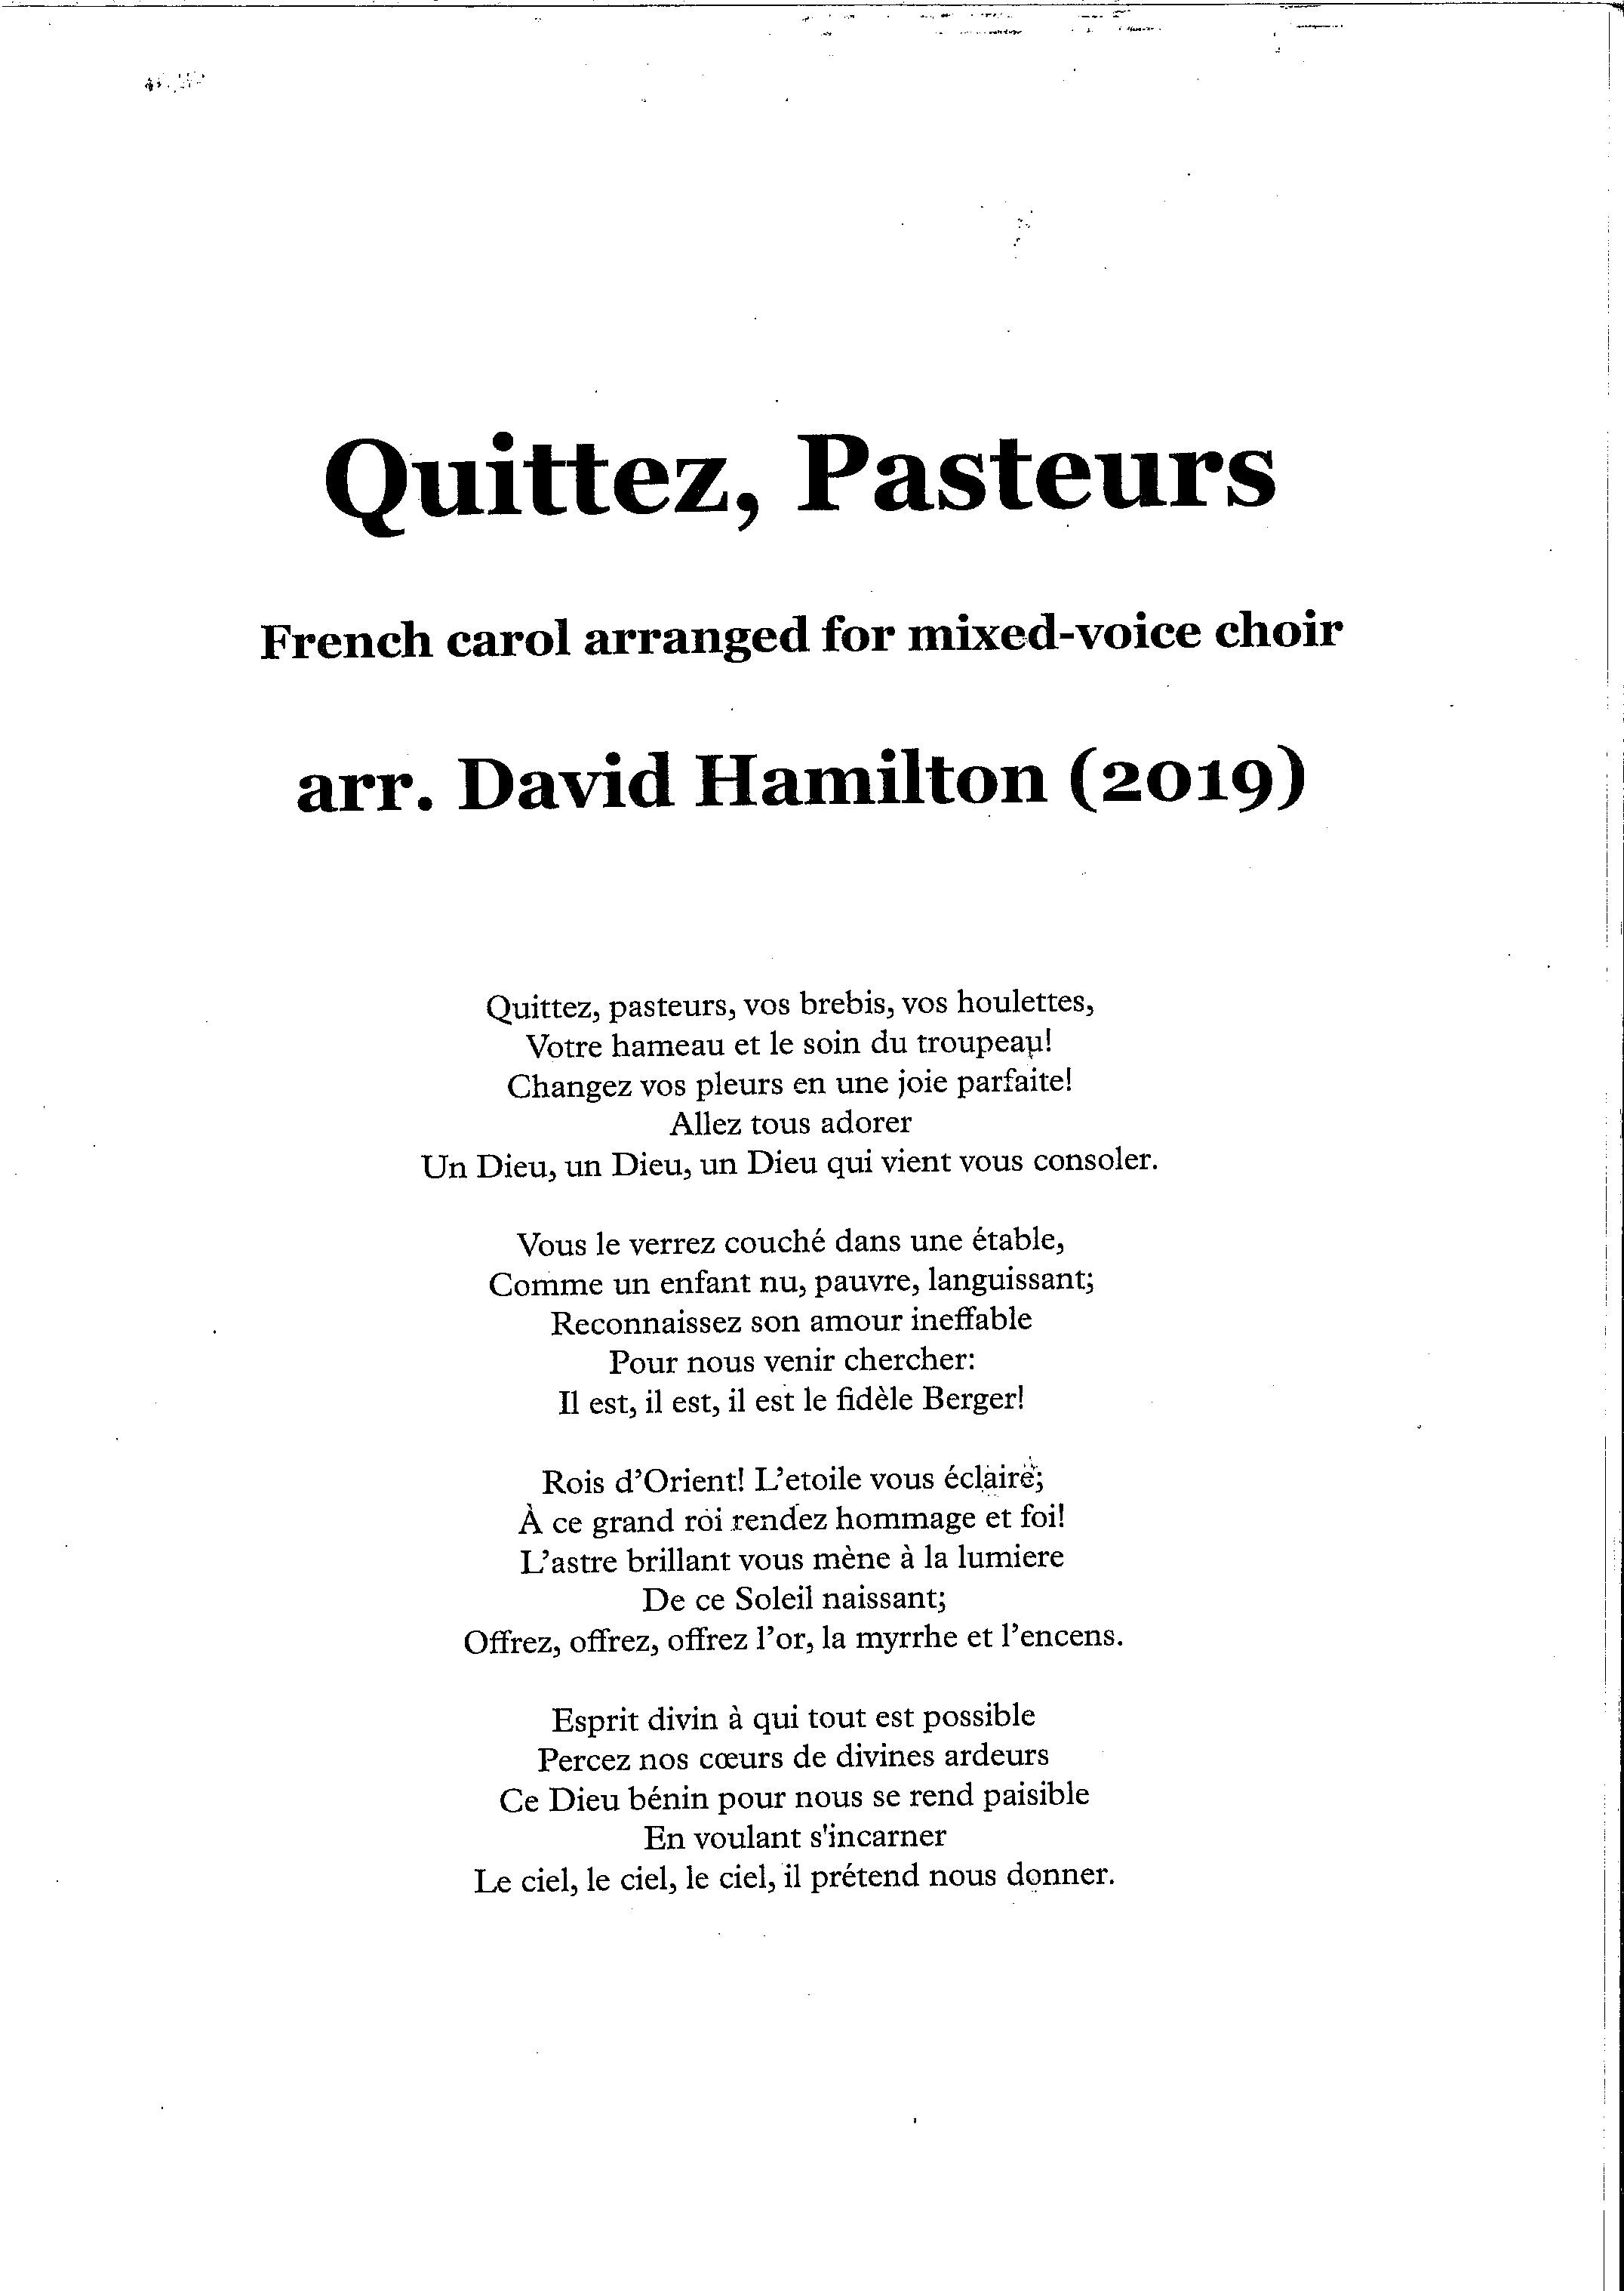 David Hamilton (arr.): Quittez, Pasteurs - hardcopy SCORE